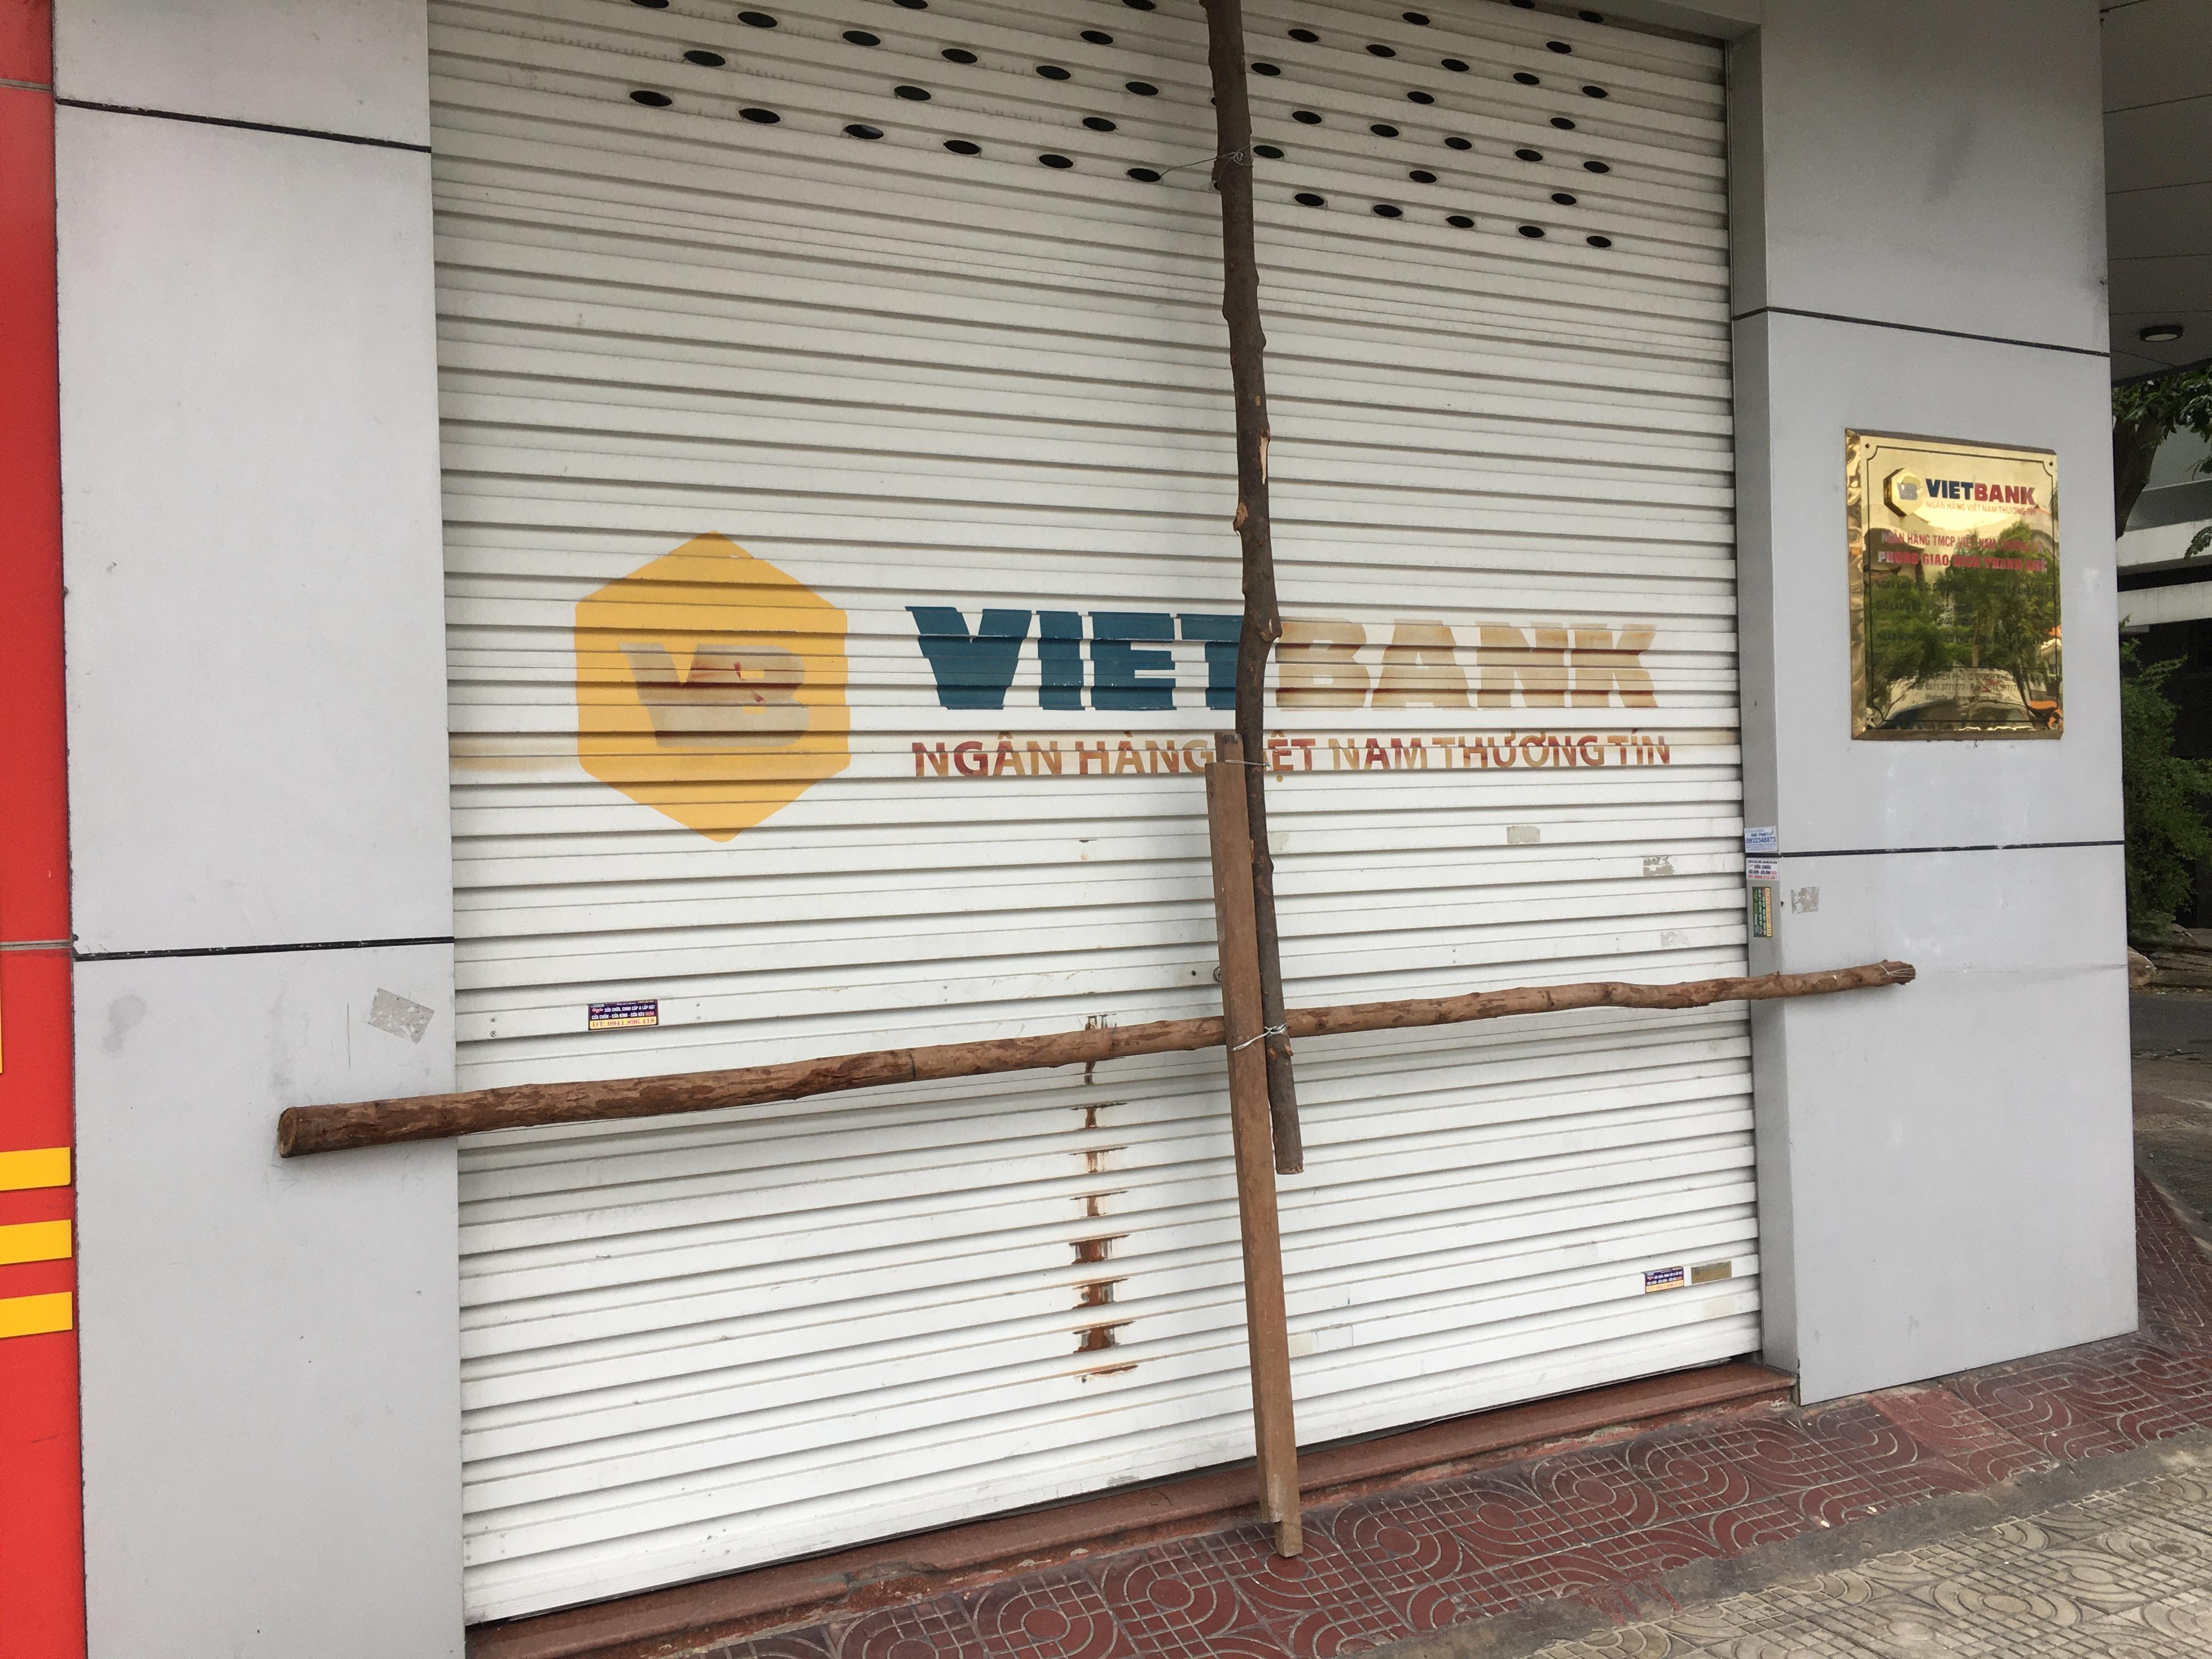 Bão số 9: Trụ ATM, ngân hàng ở Đà Nẵng tạm ngừng giao dịch, hàng loạt cửa hàng chèn chống trụ sở bằng hàng chục thanh sắt, gỗ loại lớn - Ảnh 4.